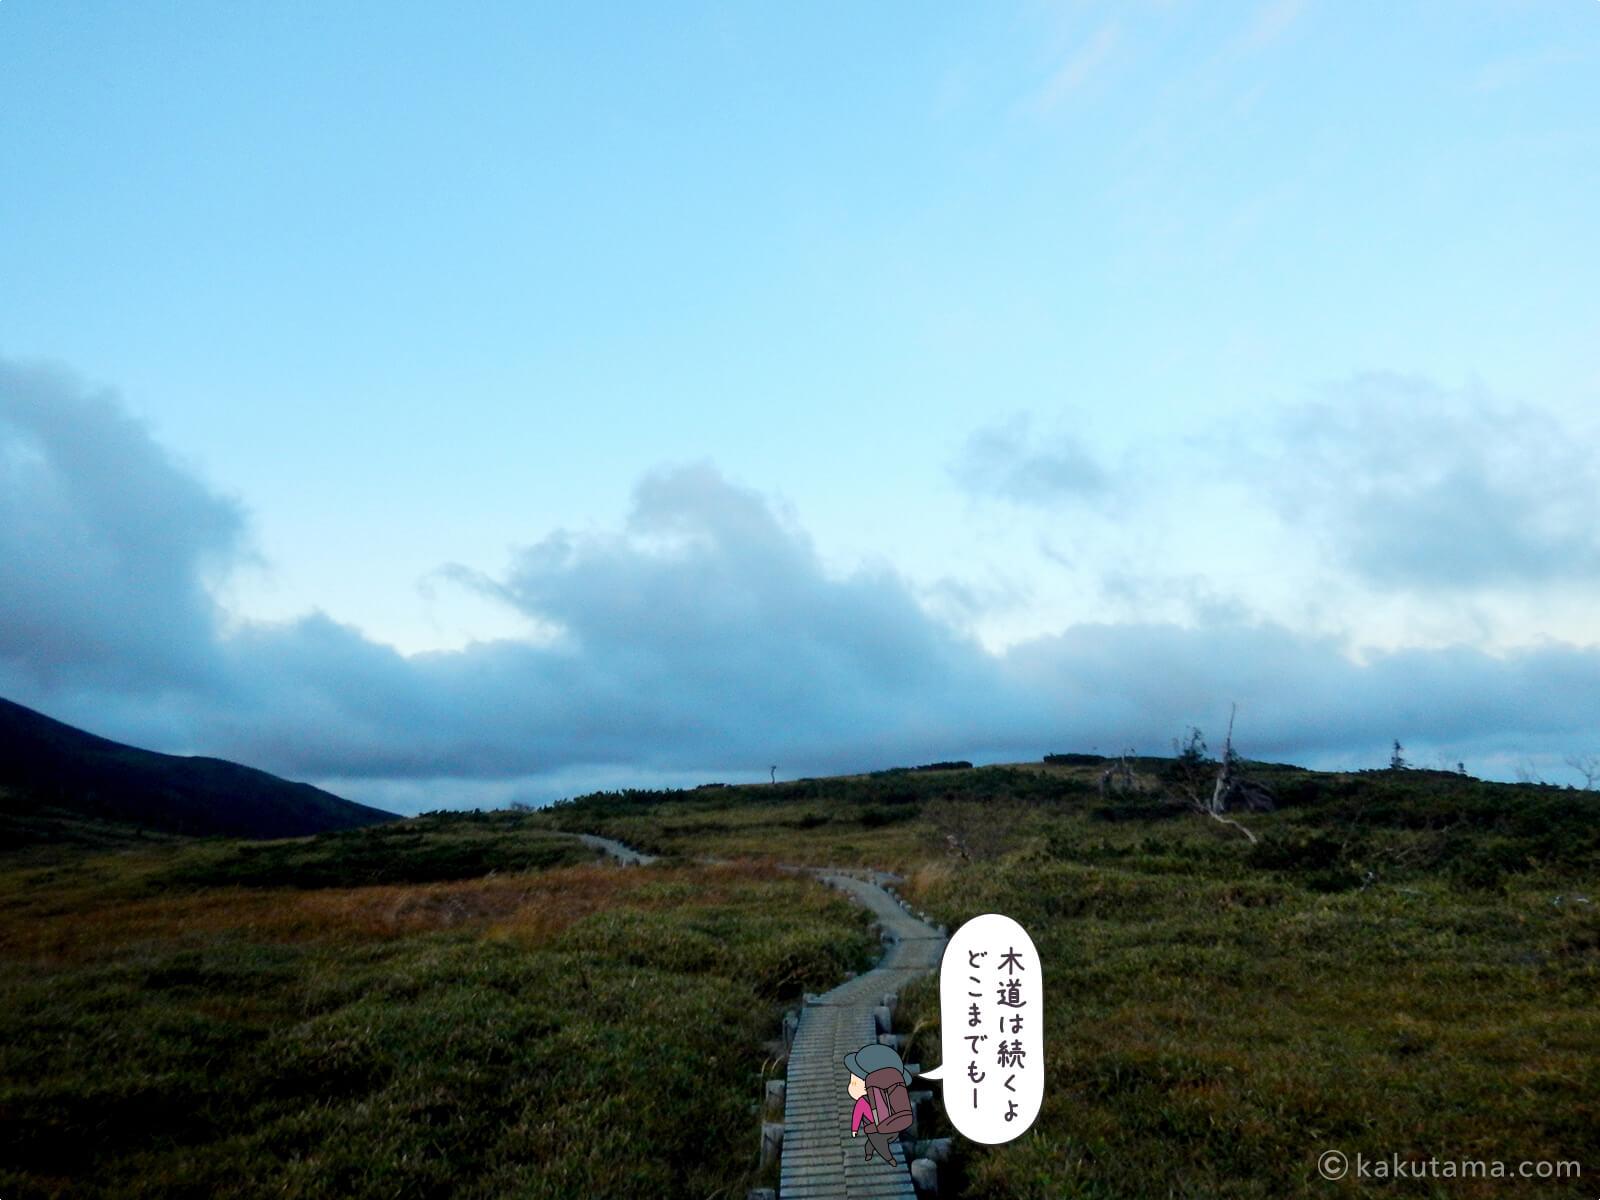 太郎山分岐からの登山道4